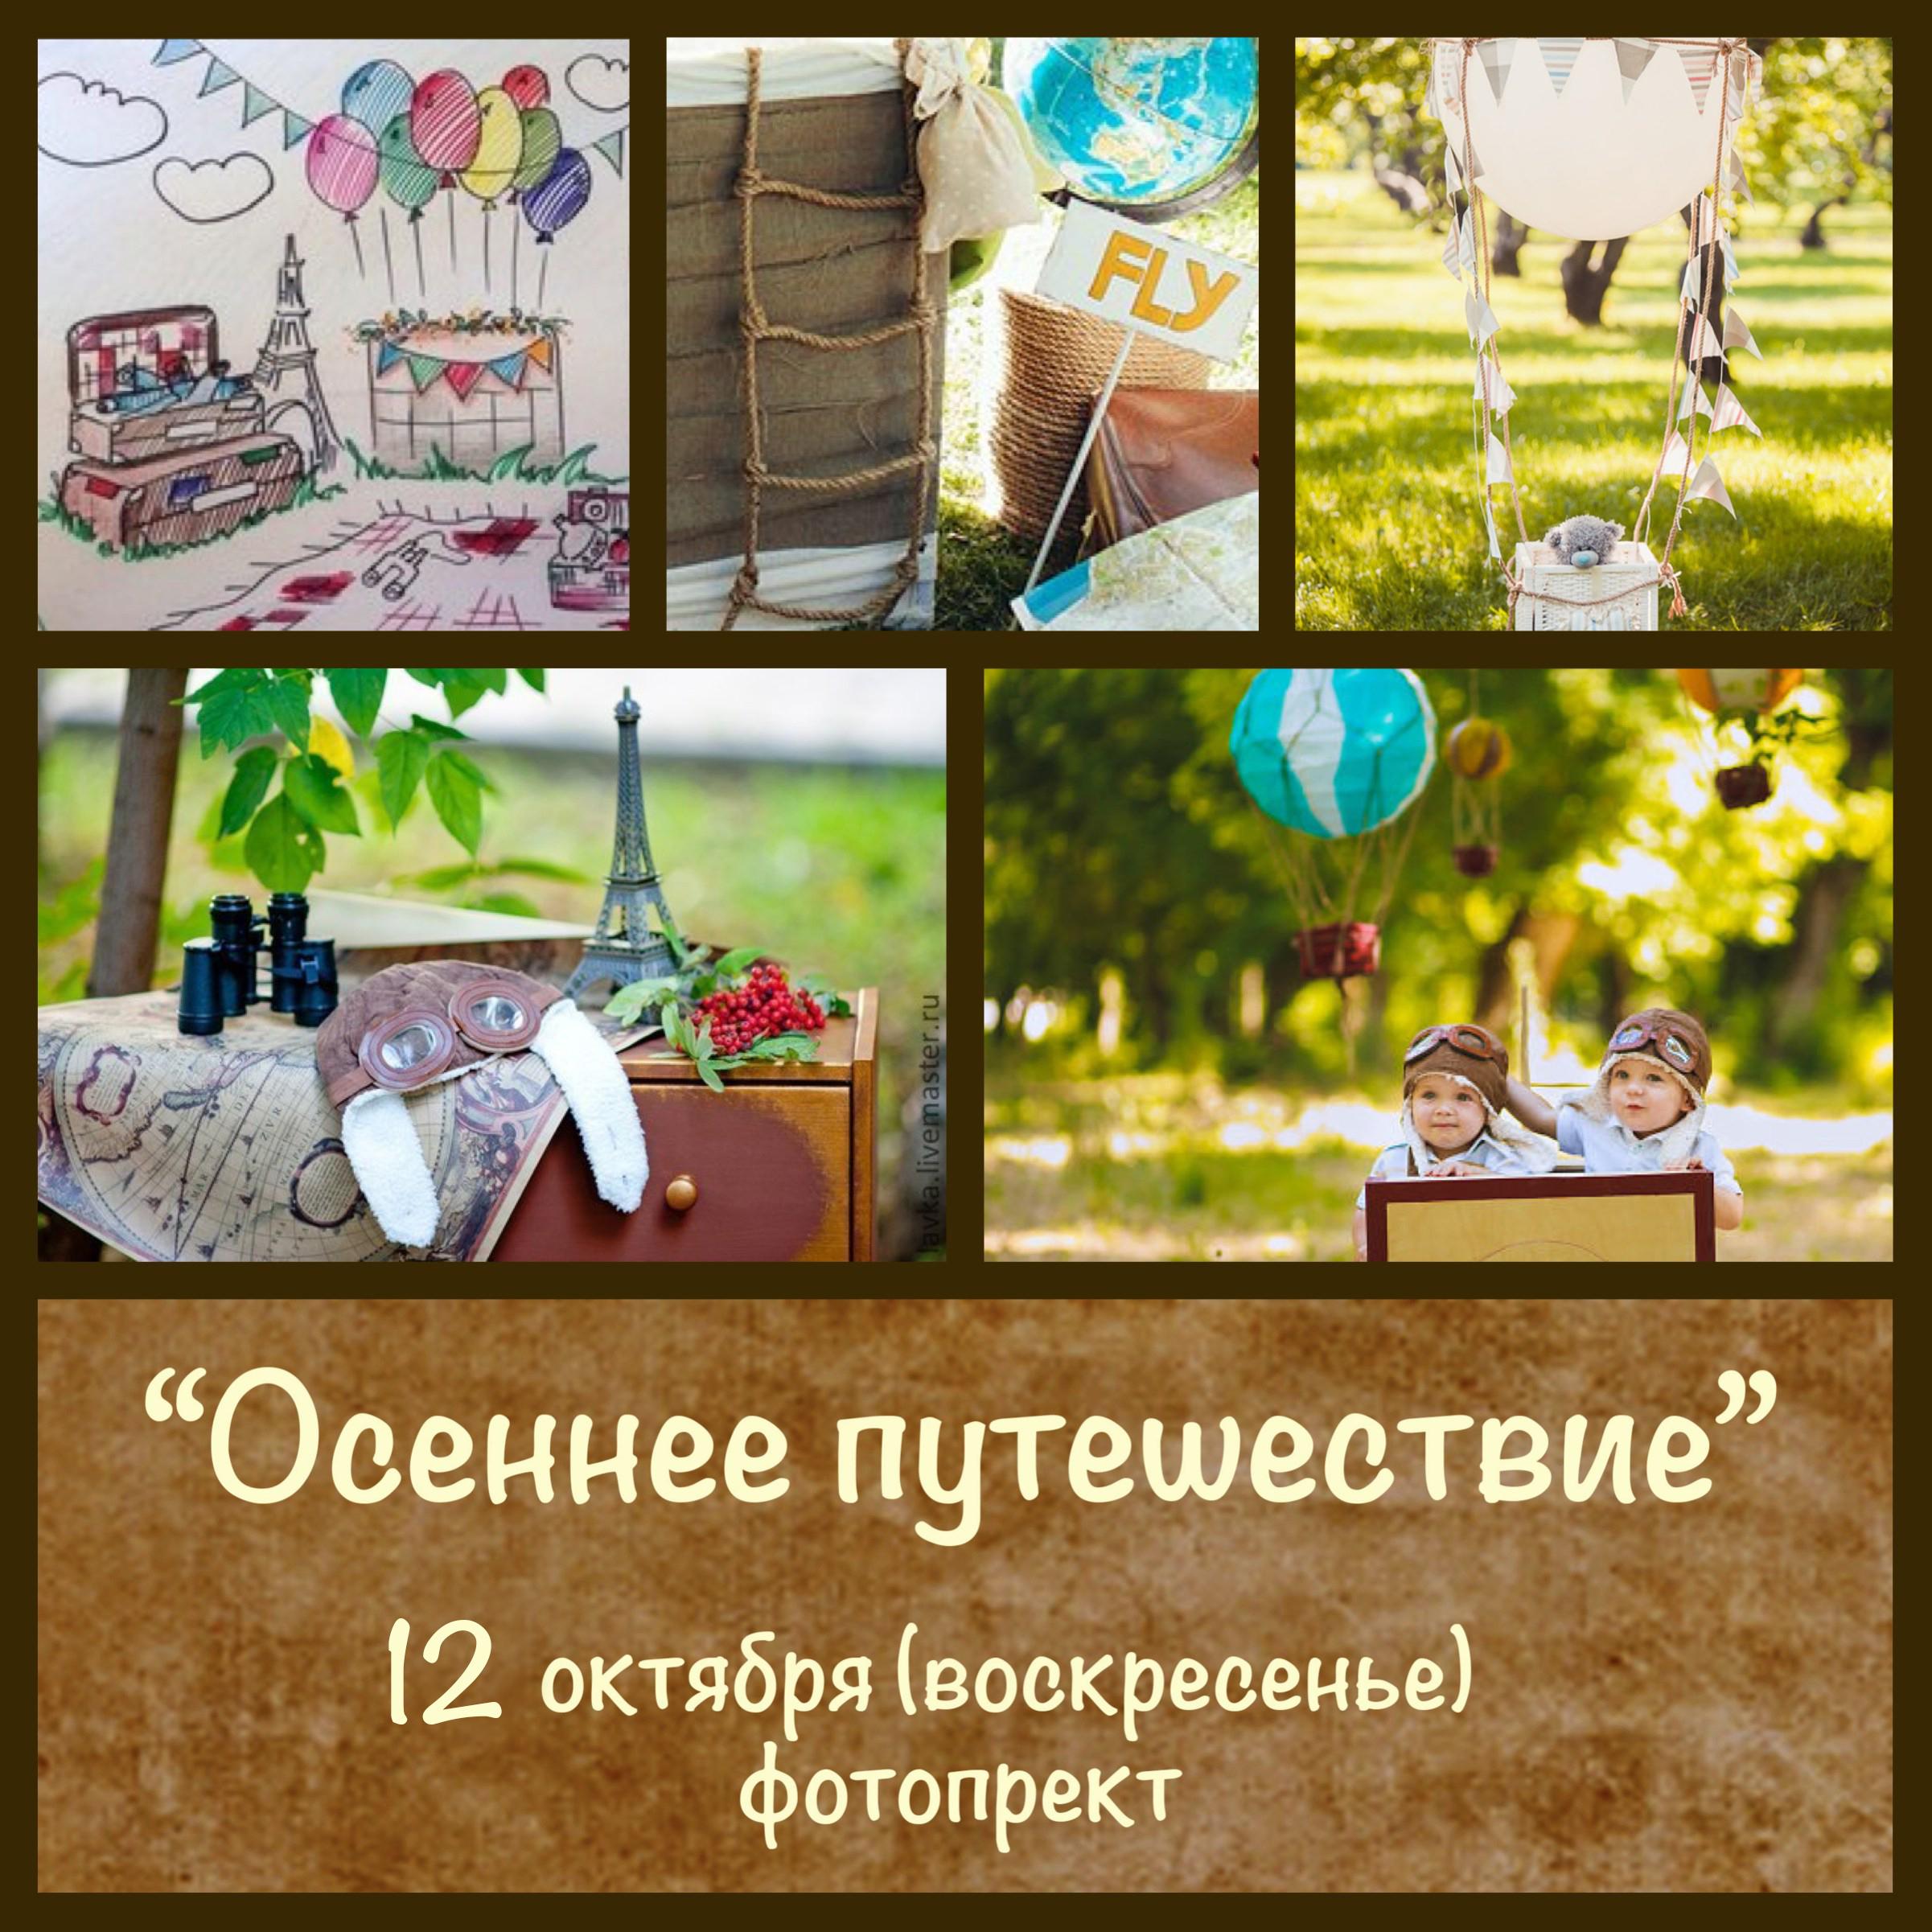 """Новый фотопроект """"Осеннее путешествие"""", 12 октября!"""